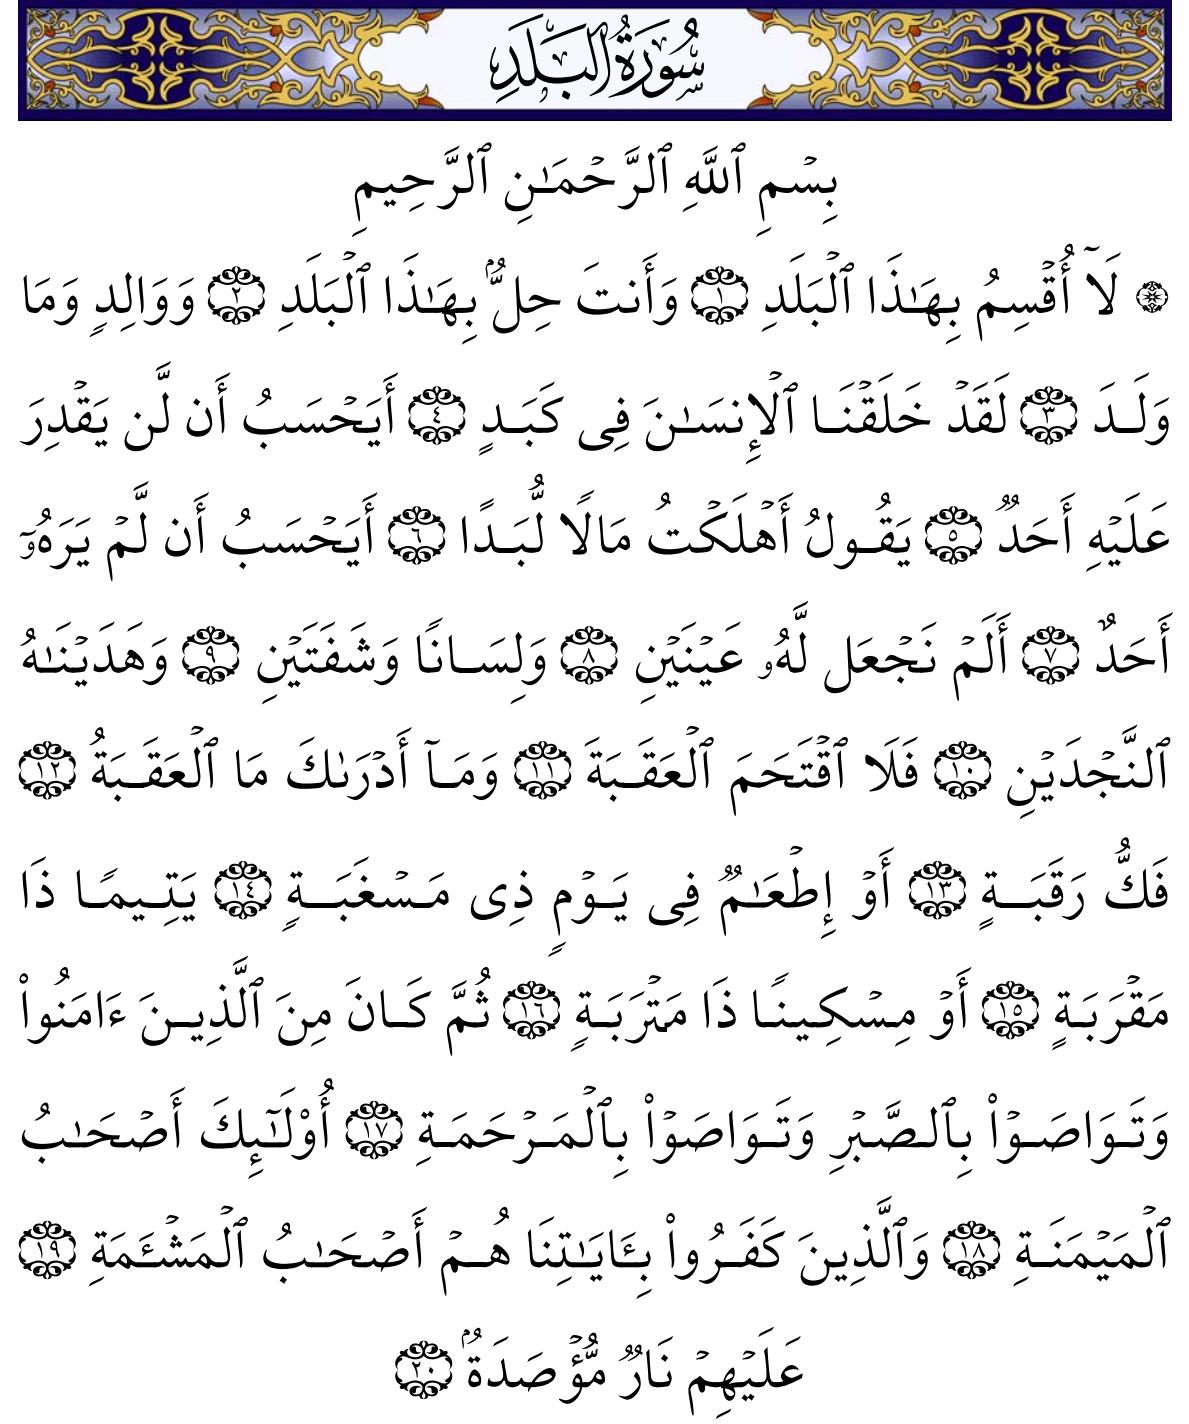 مقلات دينية متنوعة سور القرآن الكريم القصيرة مكتوبة